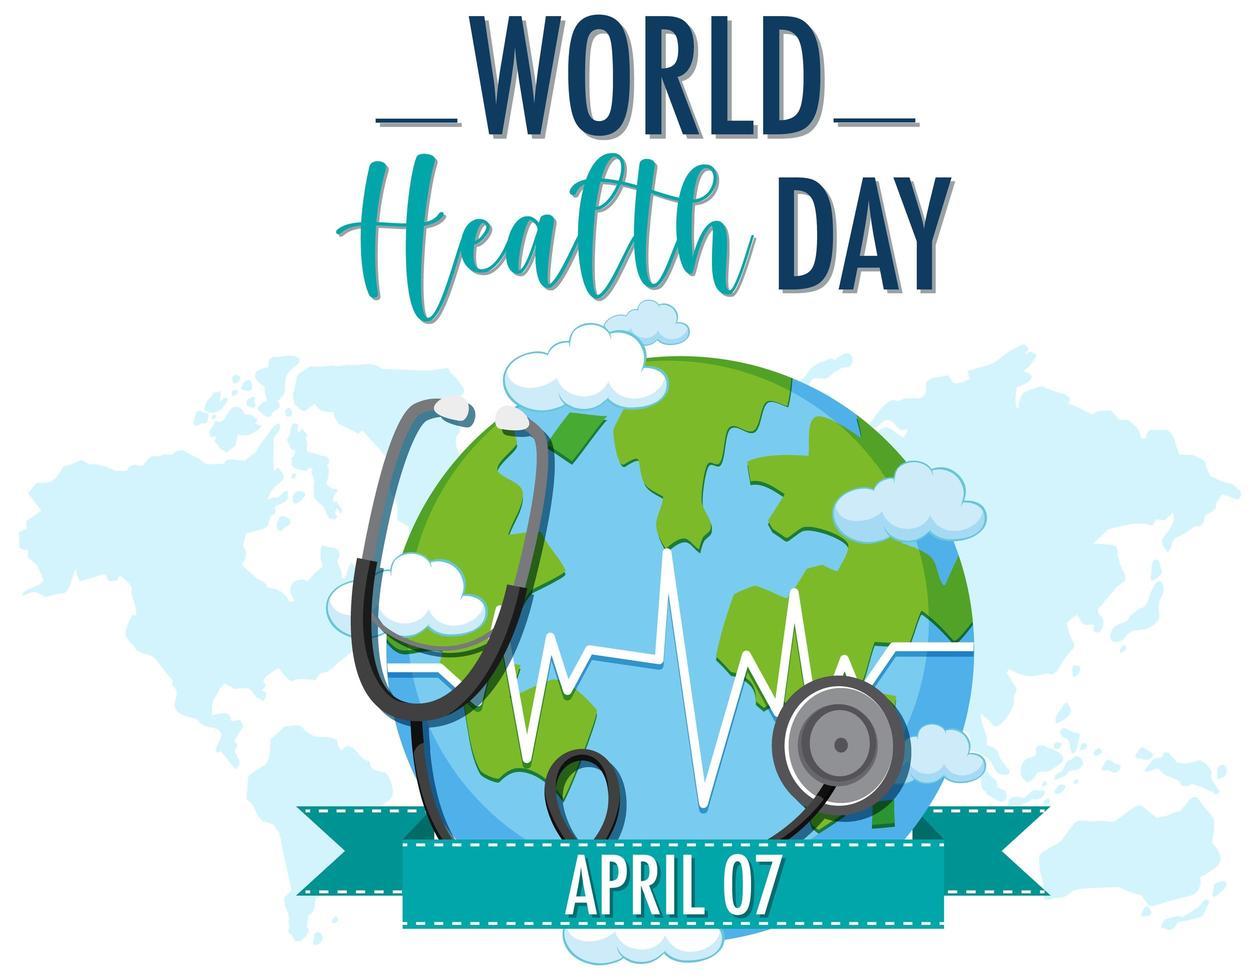 världshälsodag vektor